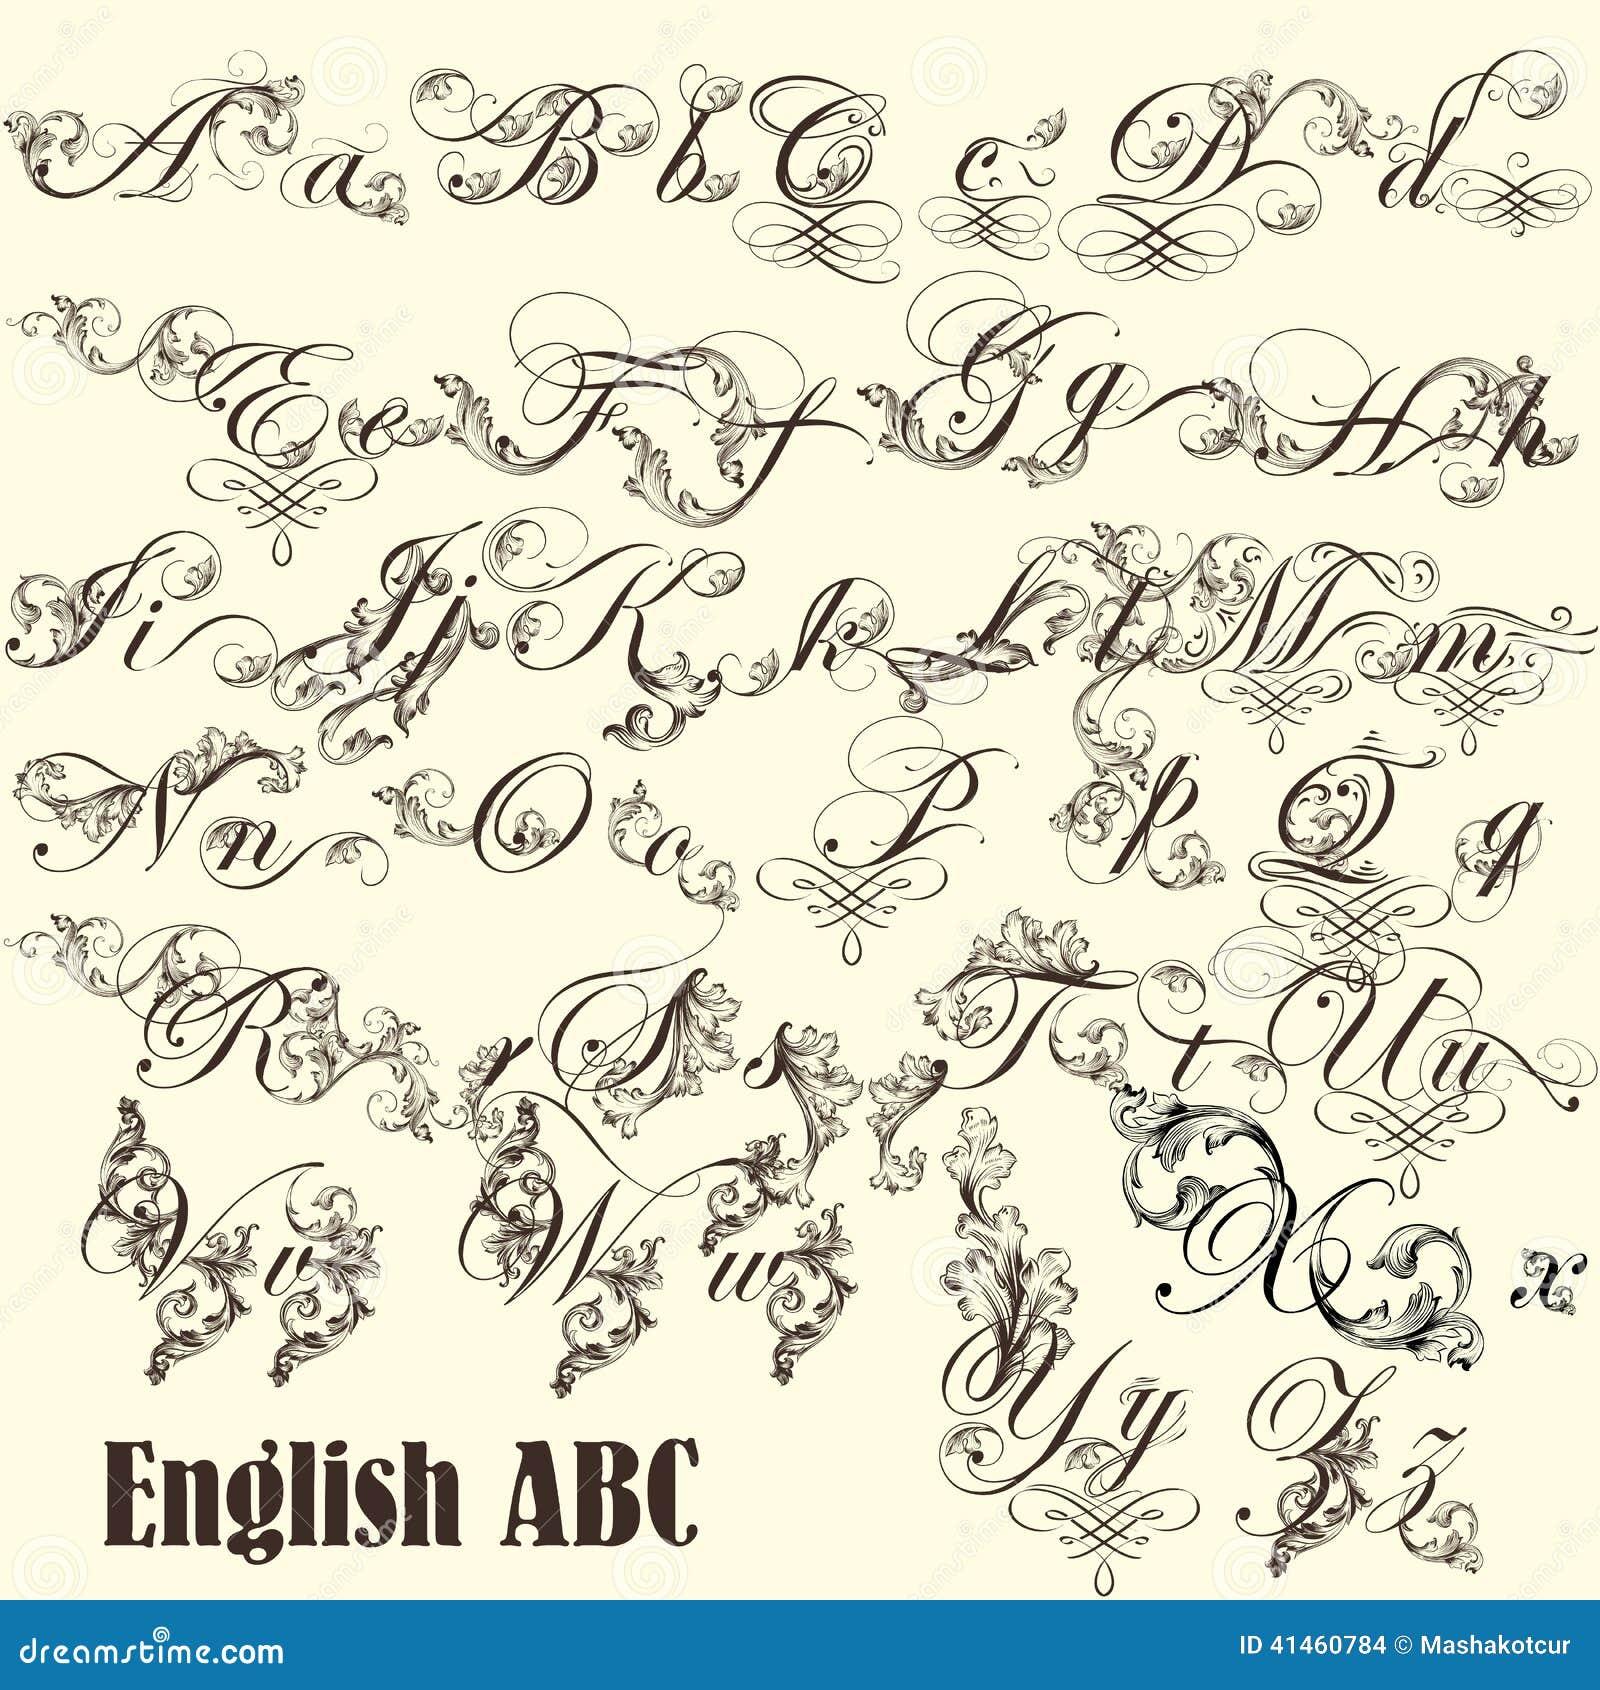 Letras de abc del ingl s en estilo del vintage ilustraci n for Estilos de letras